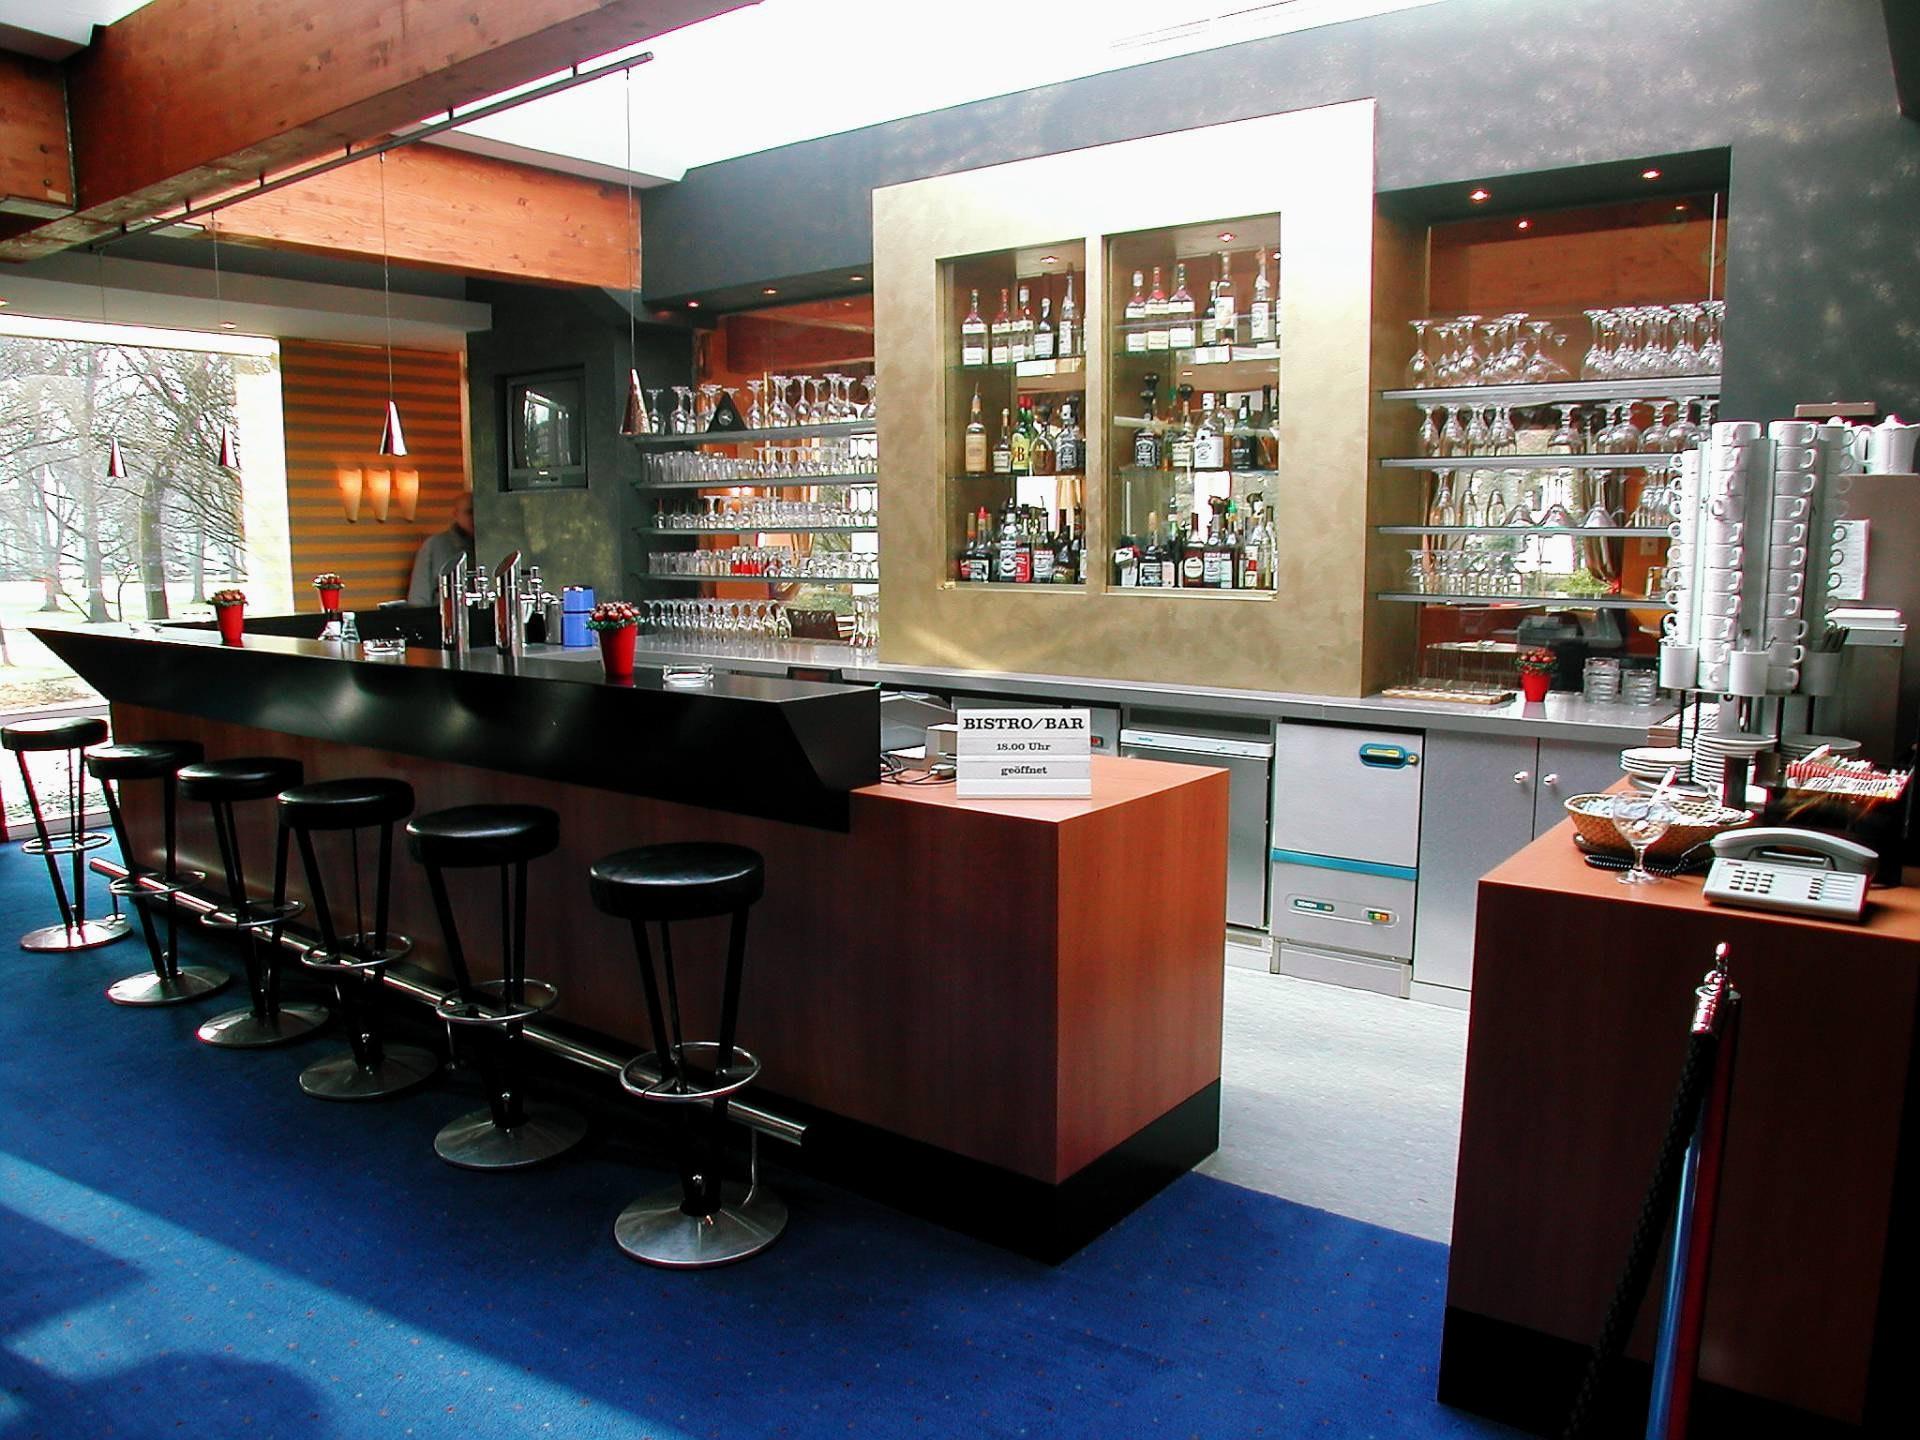 Diy Theke  100 Theke Bar Selber Bauen Bilder Ideen